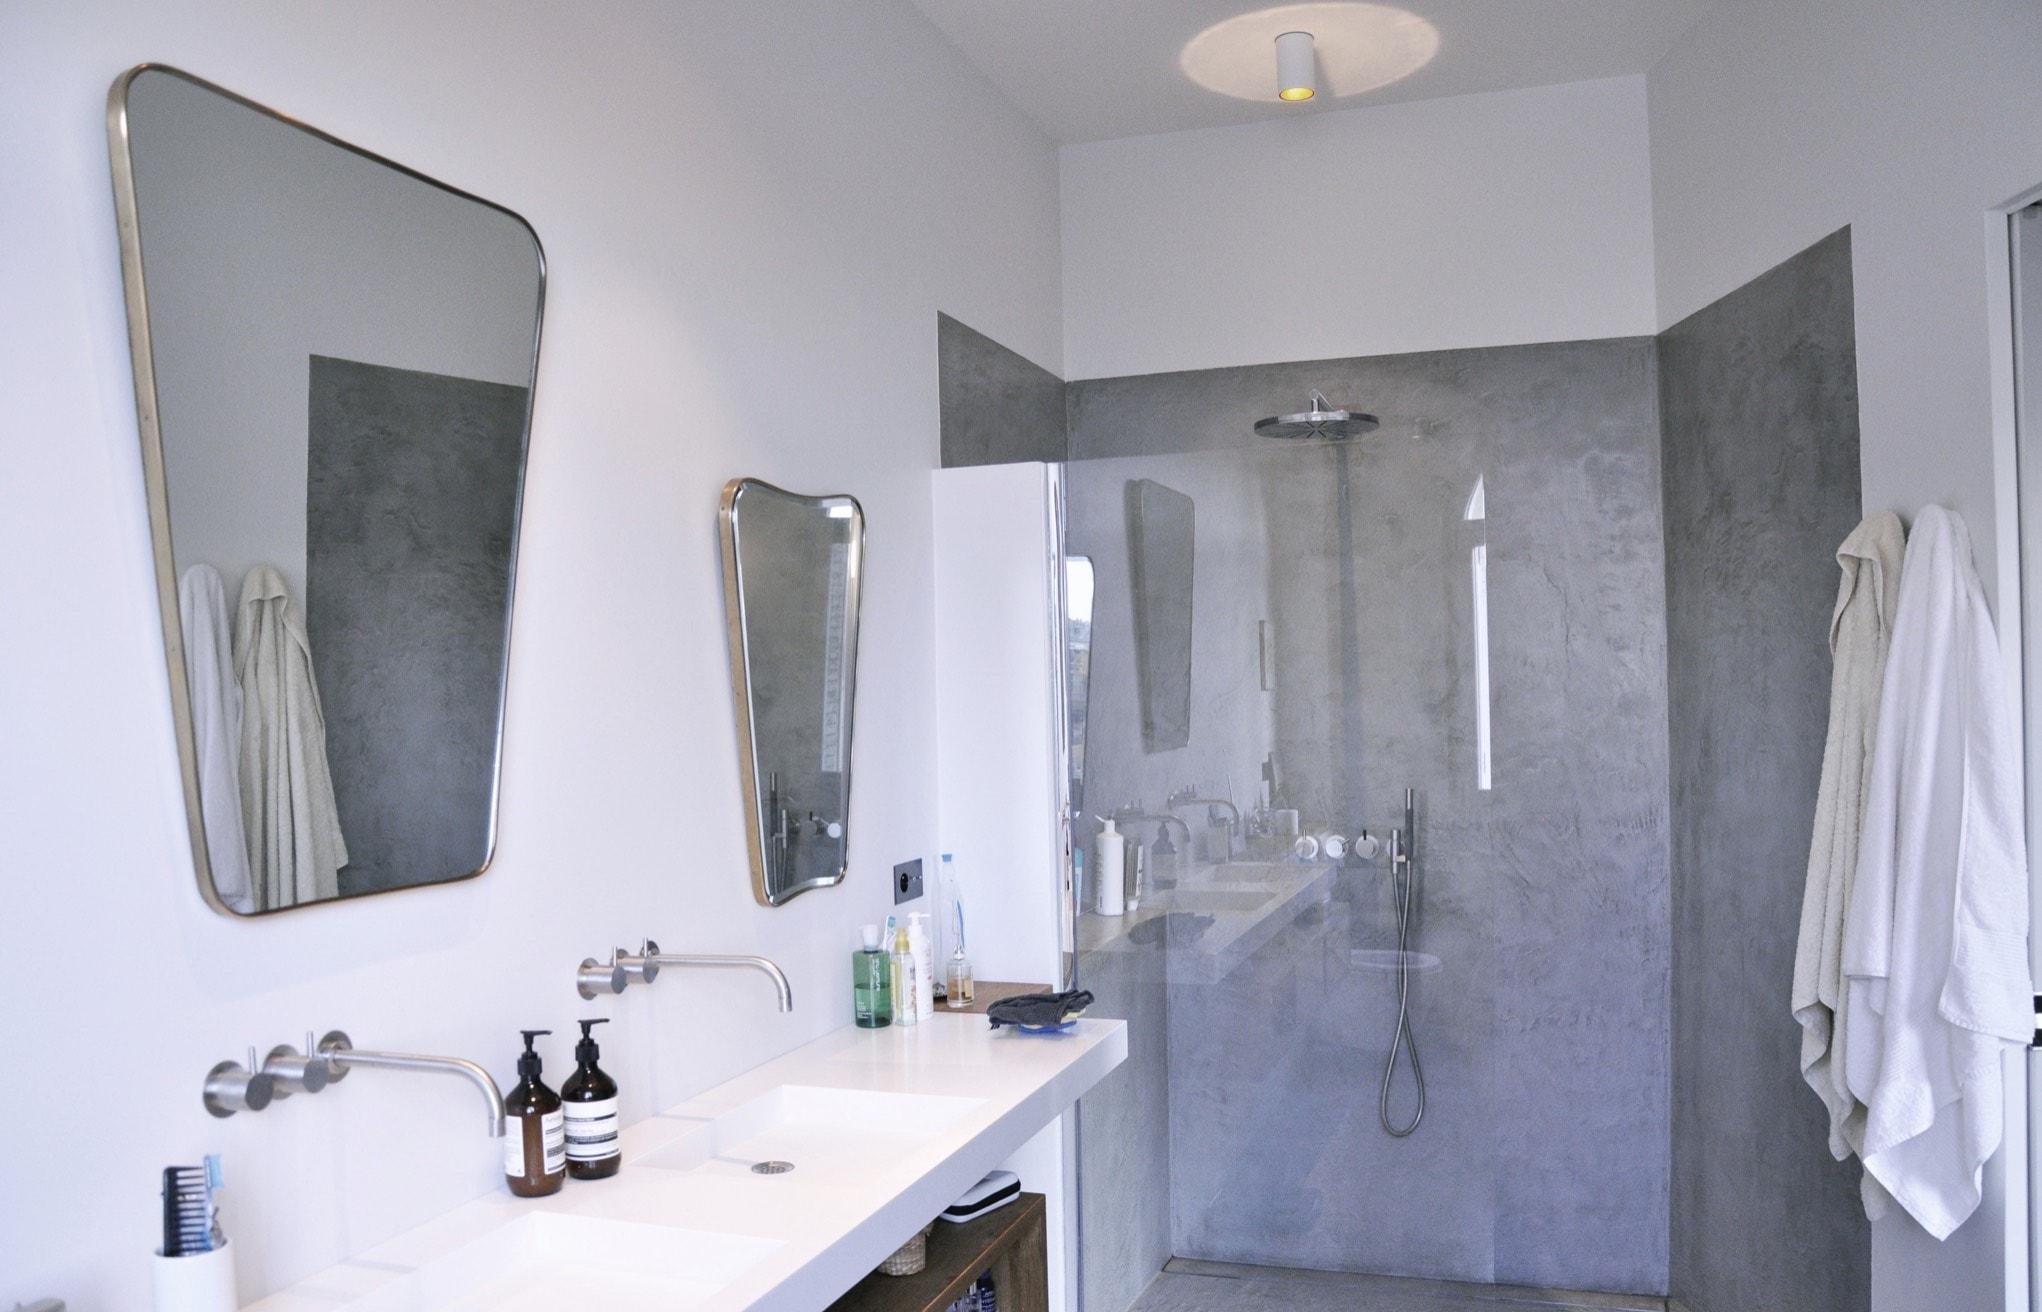 Salle de bain ; double lavabos & douche à l'italienne avec paroi vitrée